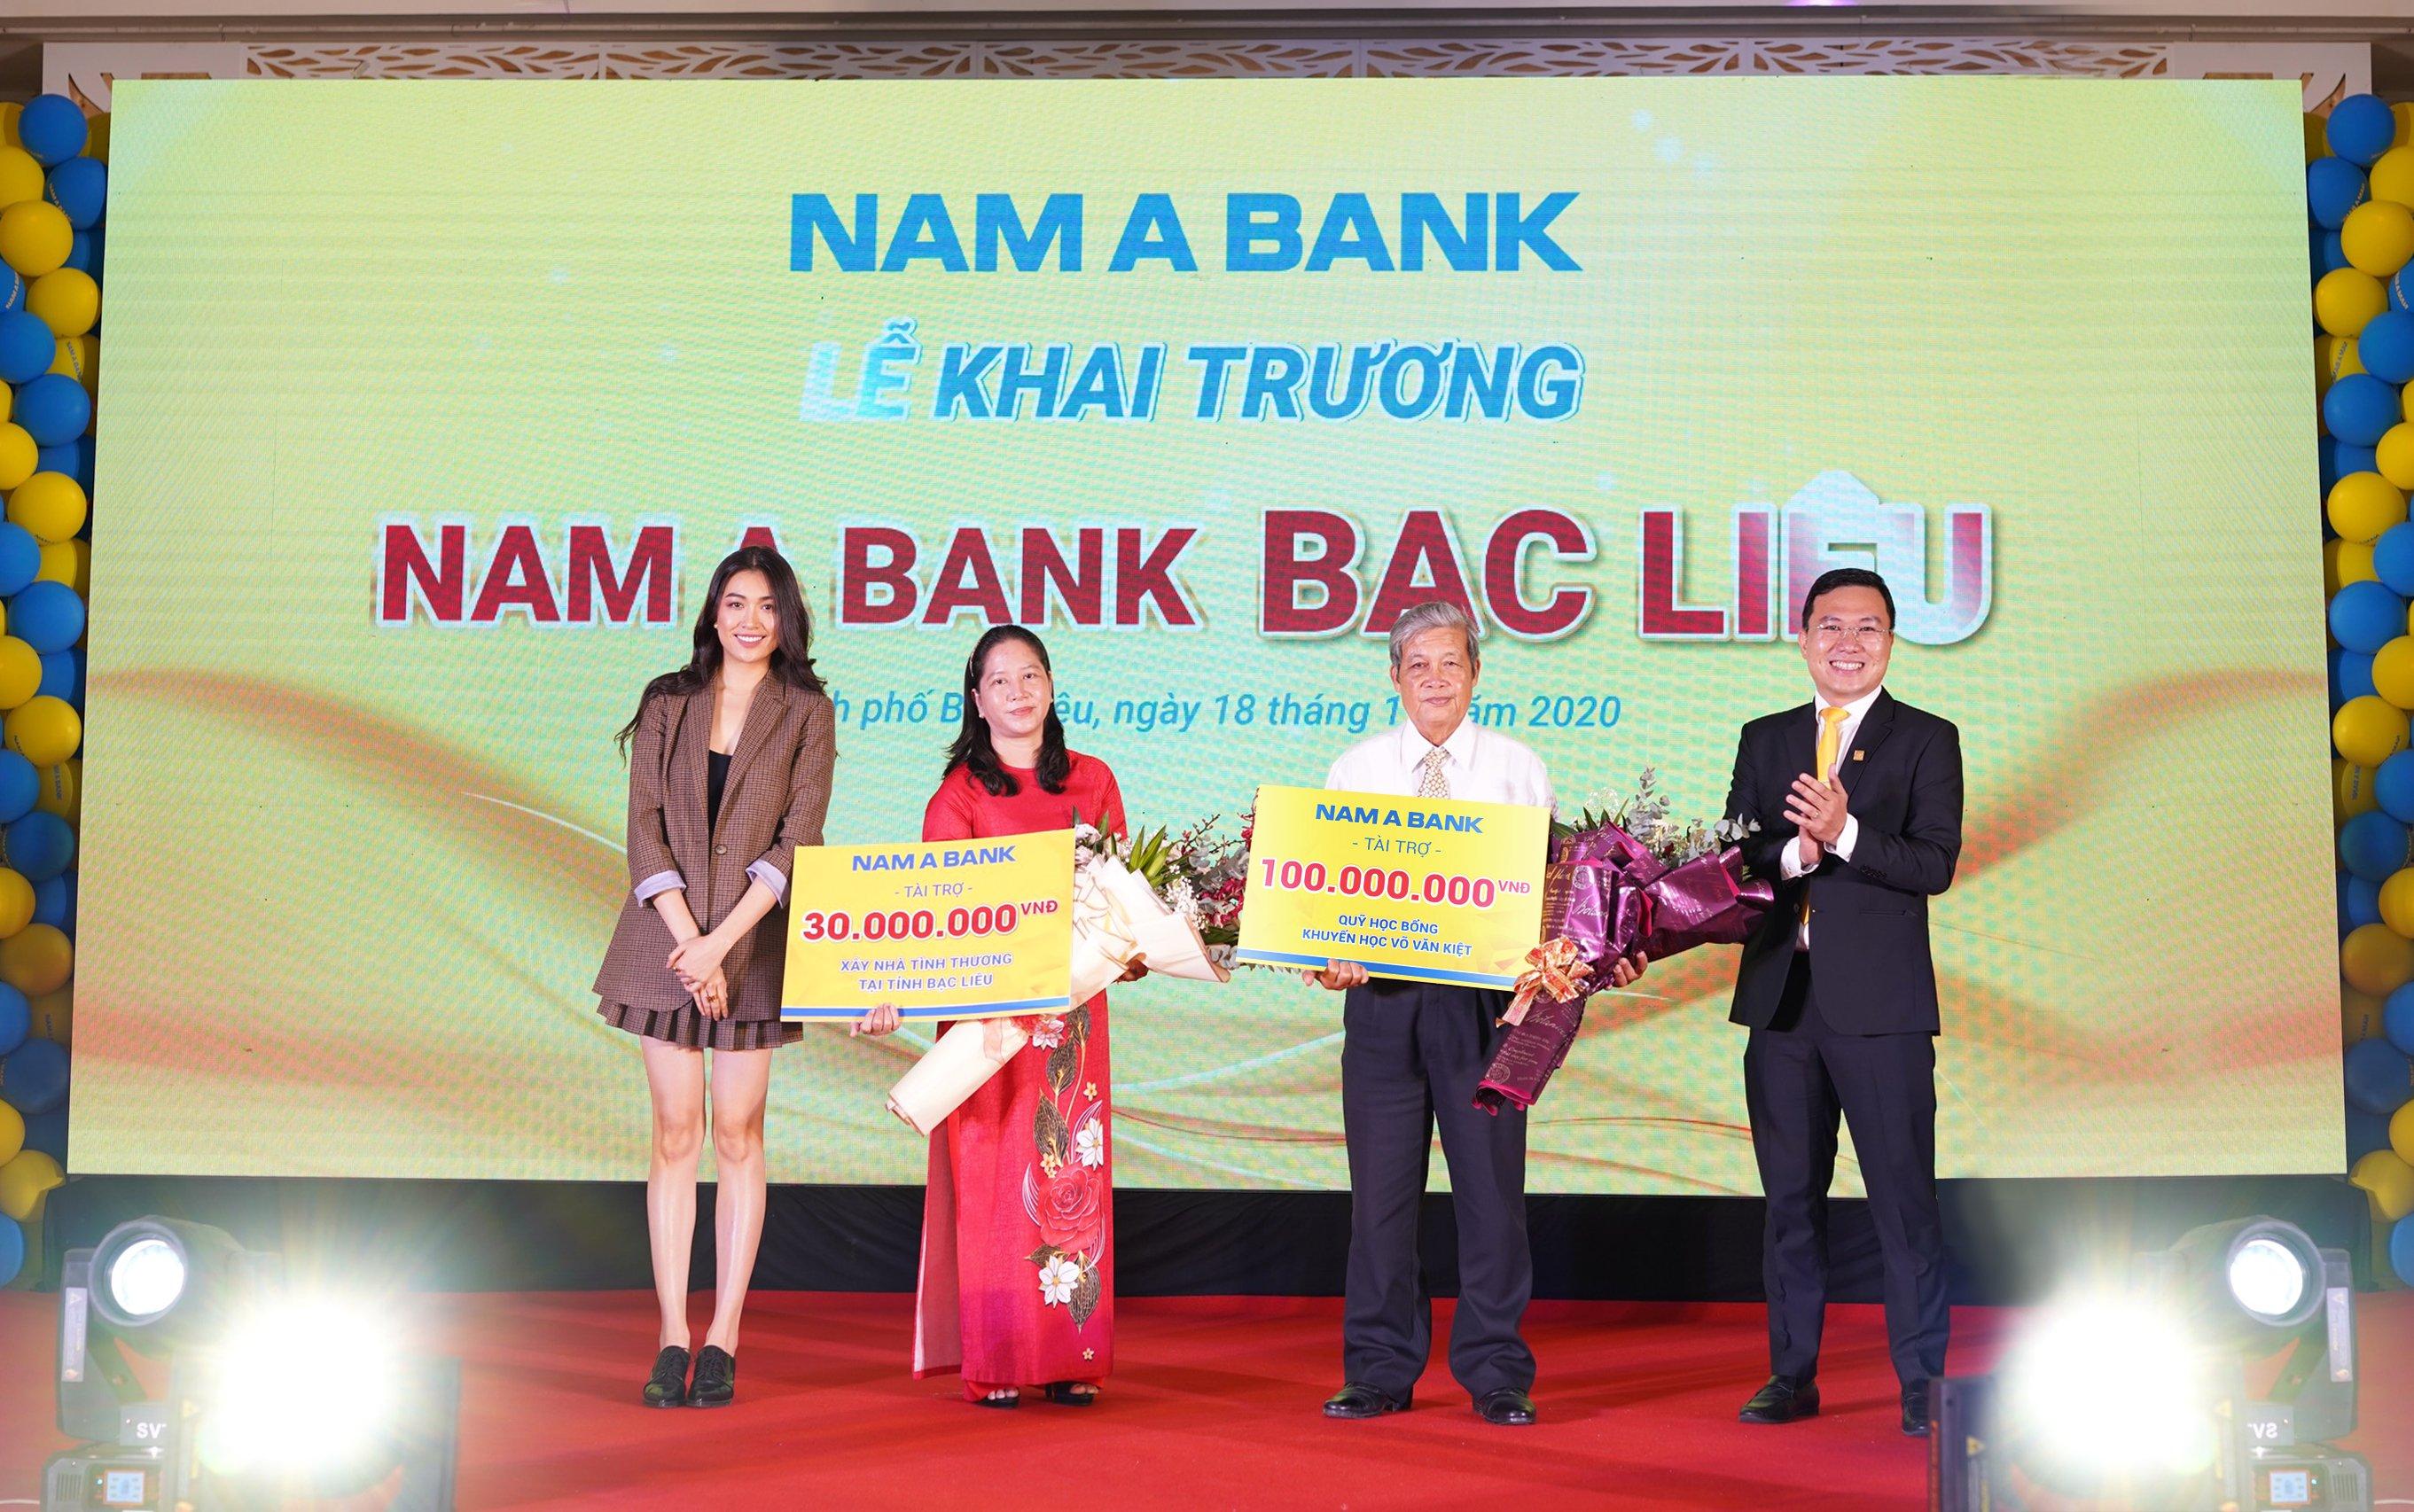 Nhân dịp này, Nam A Bank đã trao tặng nhiều phần quà ý nghĩa, hướng đến sự phát triển bền vững địa phương